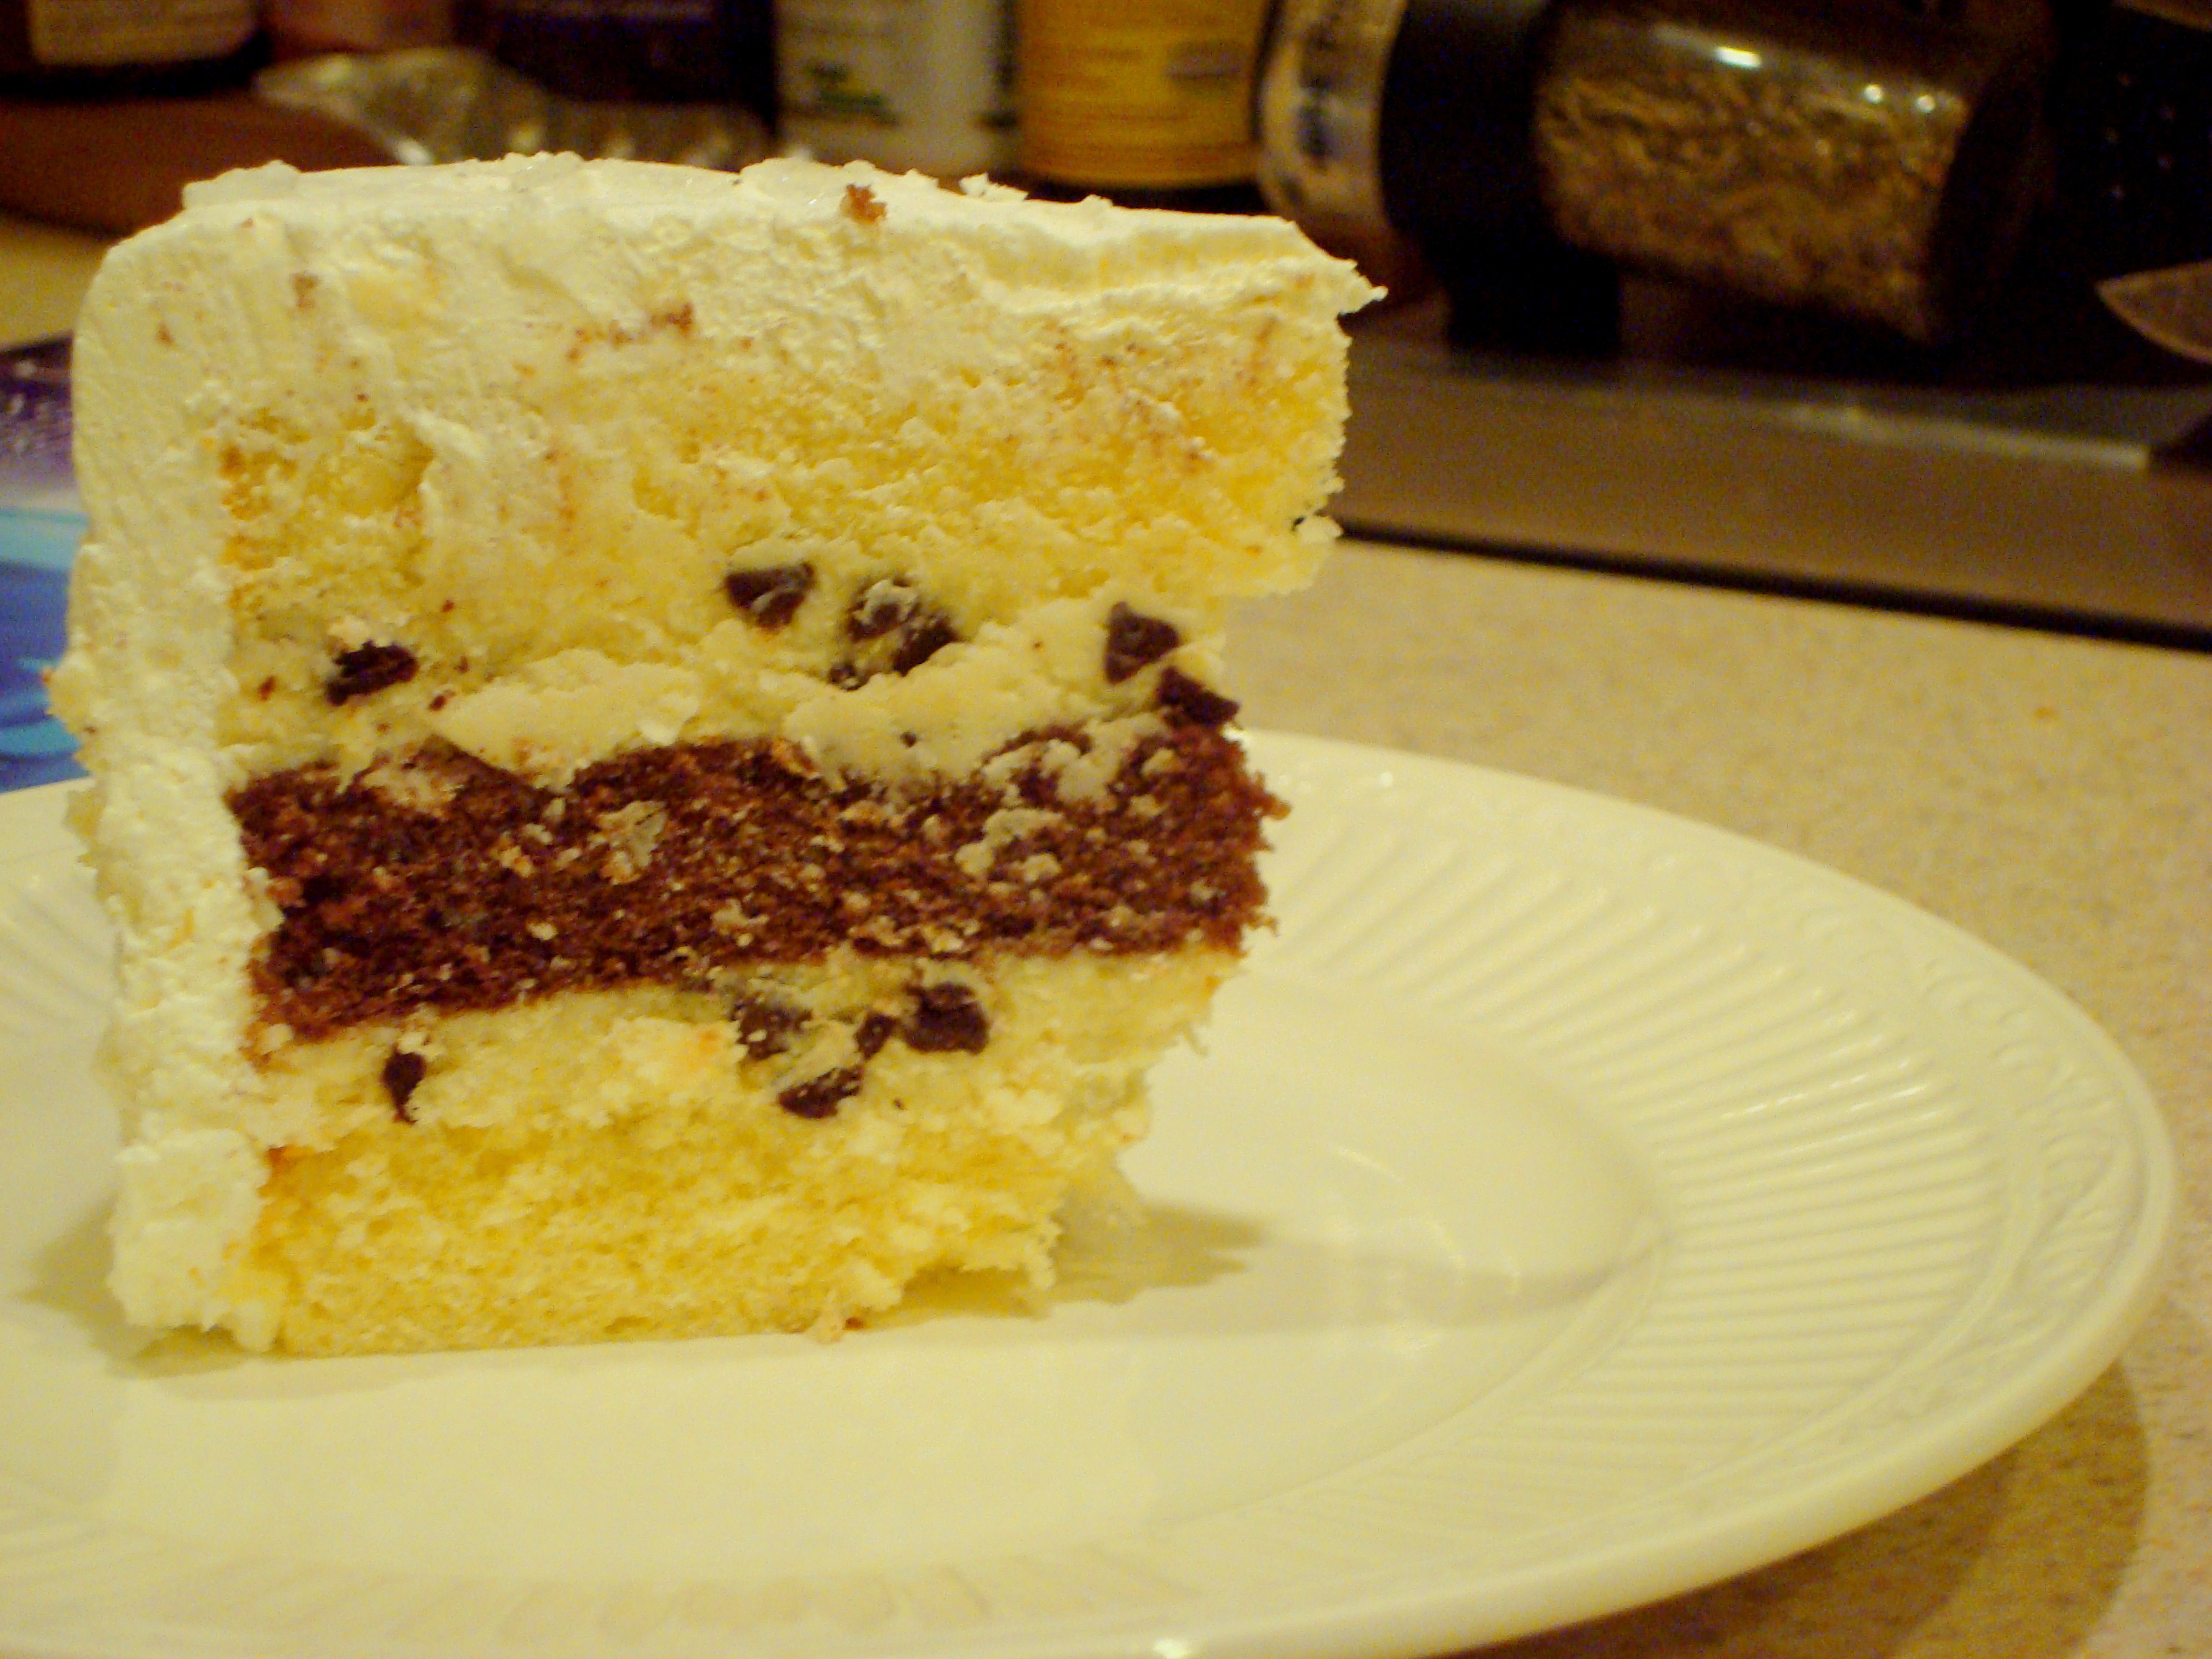 Wedding Cake Filling Recipe  cannoli filling for wedding cake